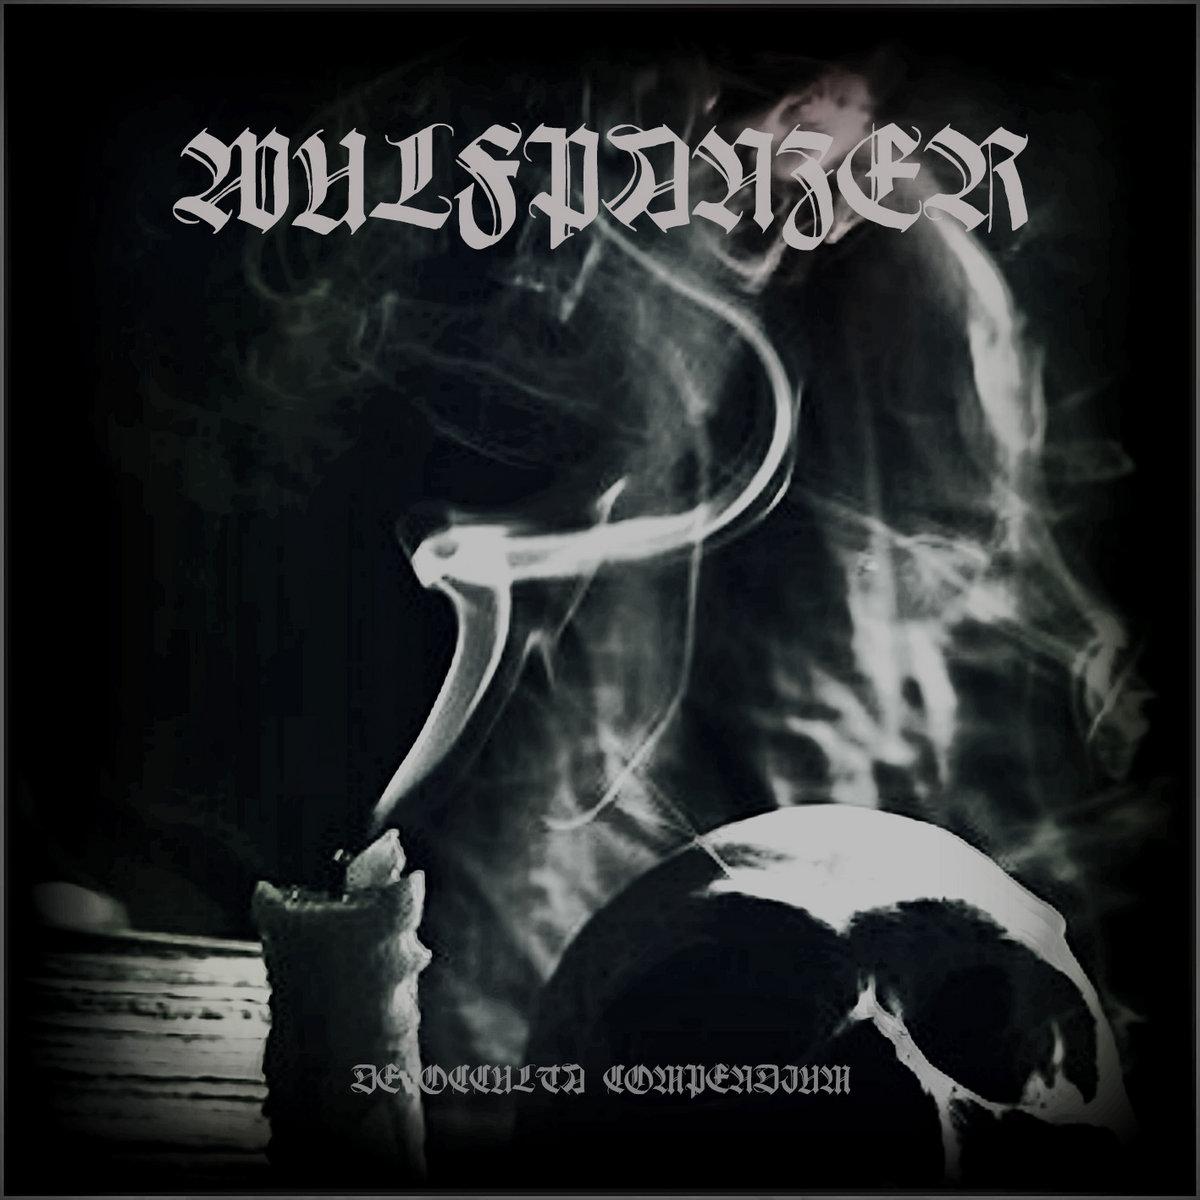 Wulfpanzer - De Occulta Compendium